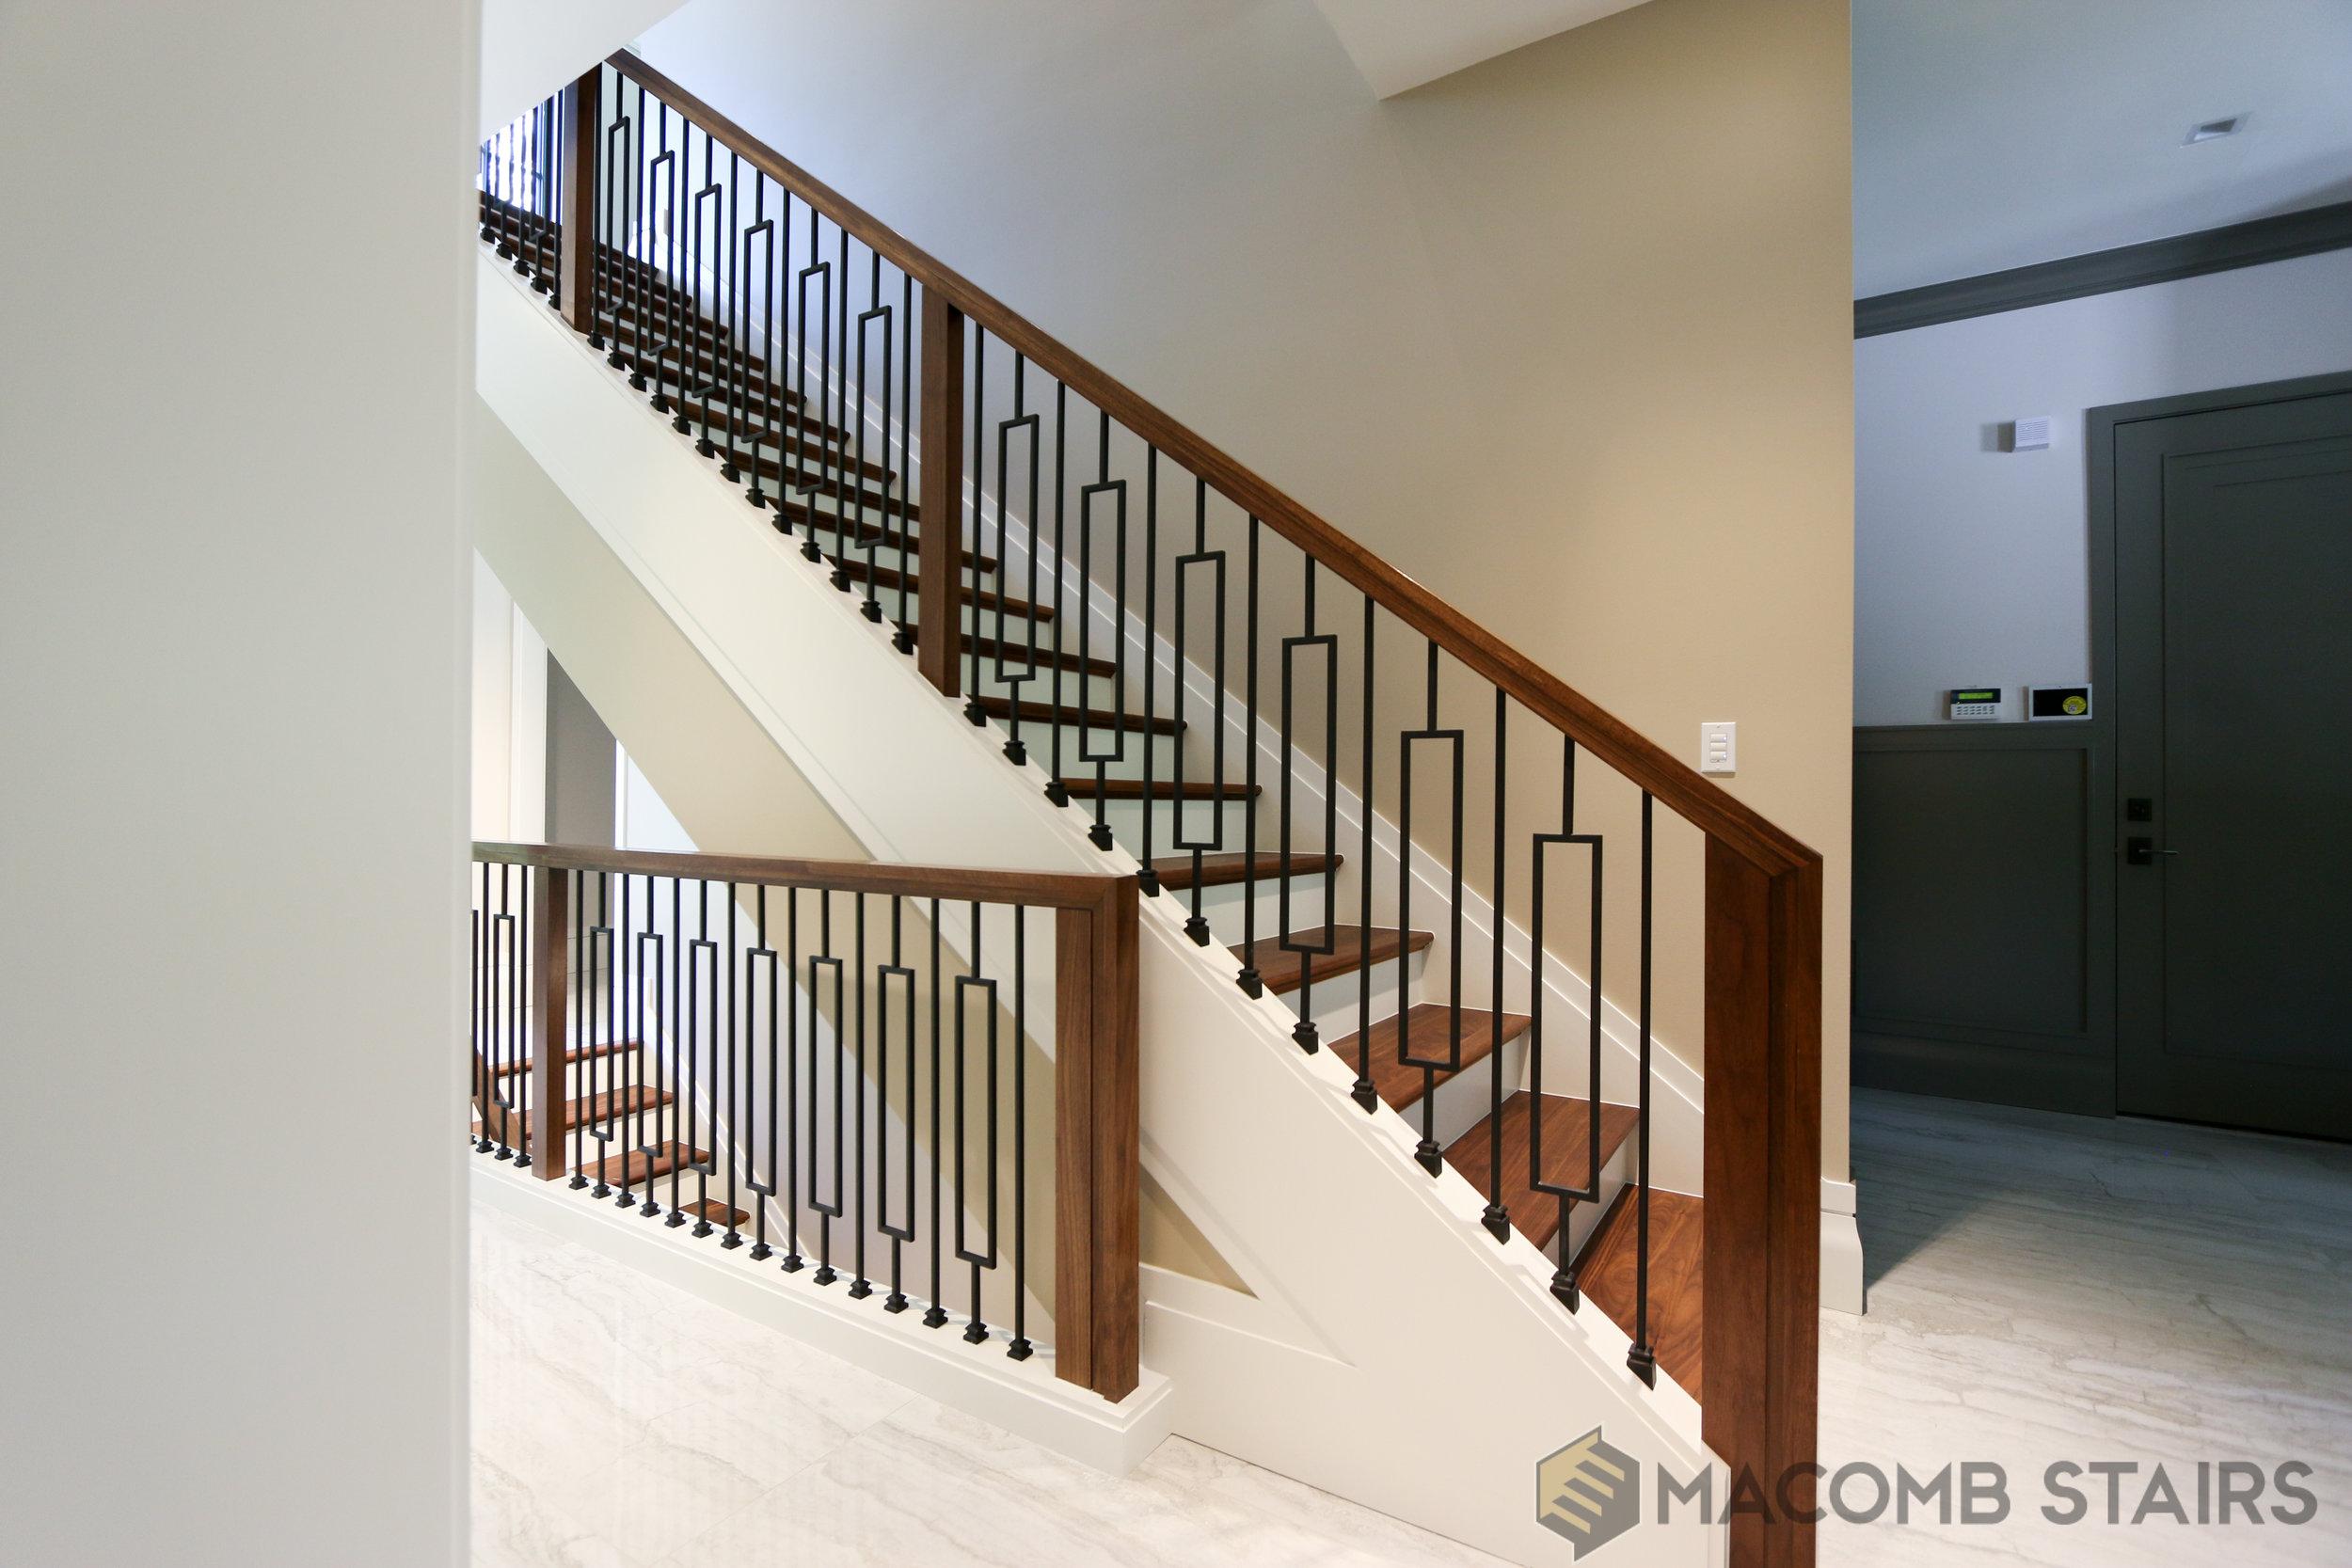 Macimb Stairs- Stair Photo-11.jpg